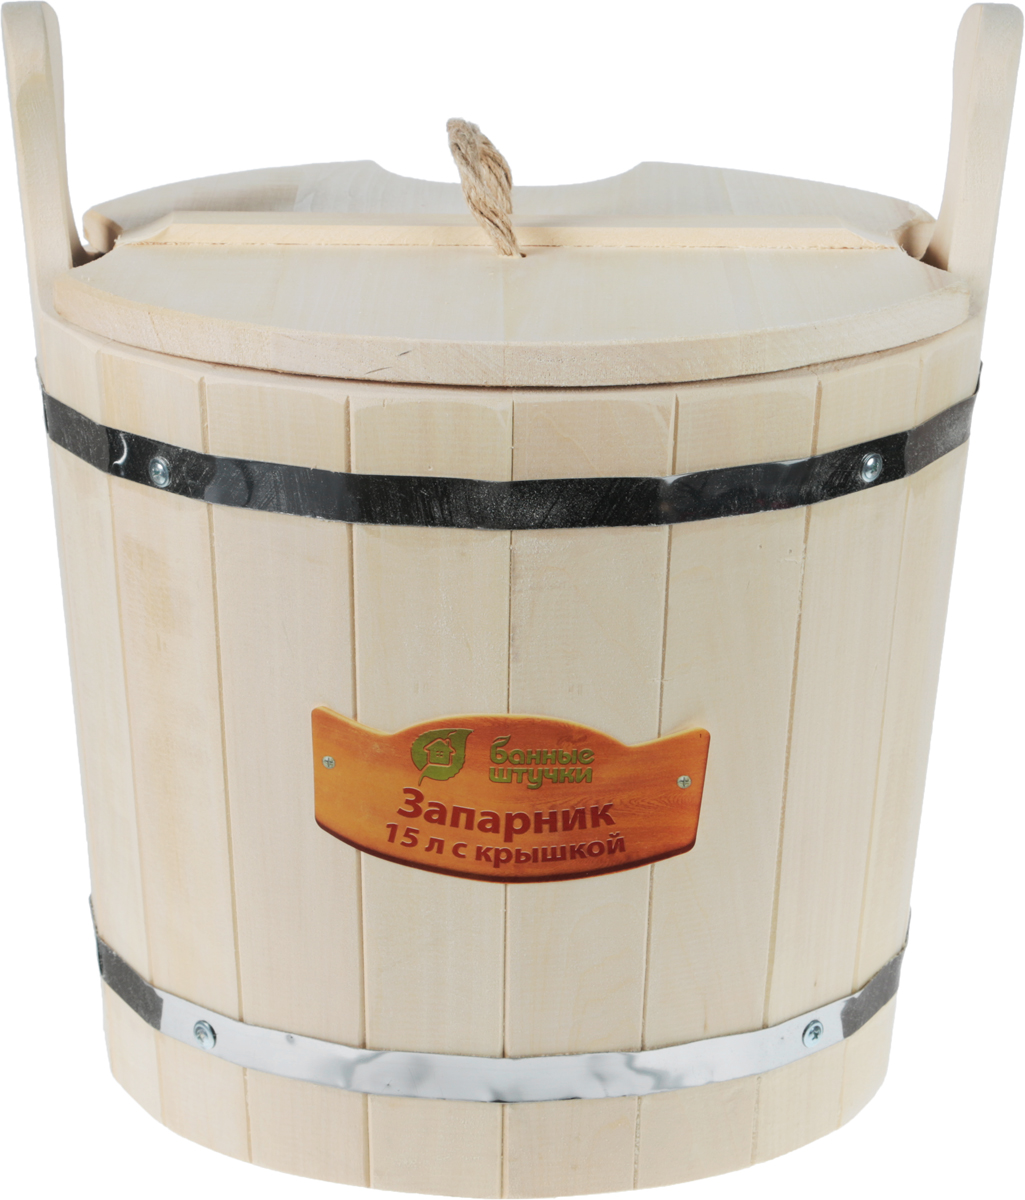 Запарник Банные штучки, с крышкой, 15 л1004900000360Запарник Банные штучки, изготовленный из липы, доставит вам настоящее удовольствие от банной процедуры. При запаривании веник обретает свою природную силу и сохраняет полезные свойства. Корпус запарника состоит из стянутых металлическими обручами клепок. Запарник оснащен деревянной крышкой с отверстием для веника и ручкой из веревки. Интересная штука - баня. Место, где одинаково хорошо и в компании, и в одиночестве. Перекресток, казалось бы, разных направлений - общение и здоровье. Приятное и полезное. И всегда в позитиве. Высота запарника (без ушек): 30 см.Высота запарника (с ушками): 39 см.Диаметр запарника по верхнему краю: 35,5 см.